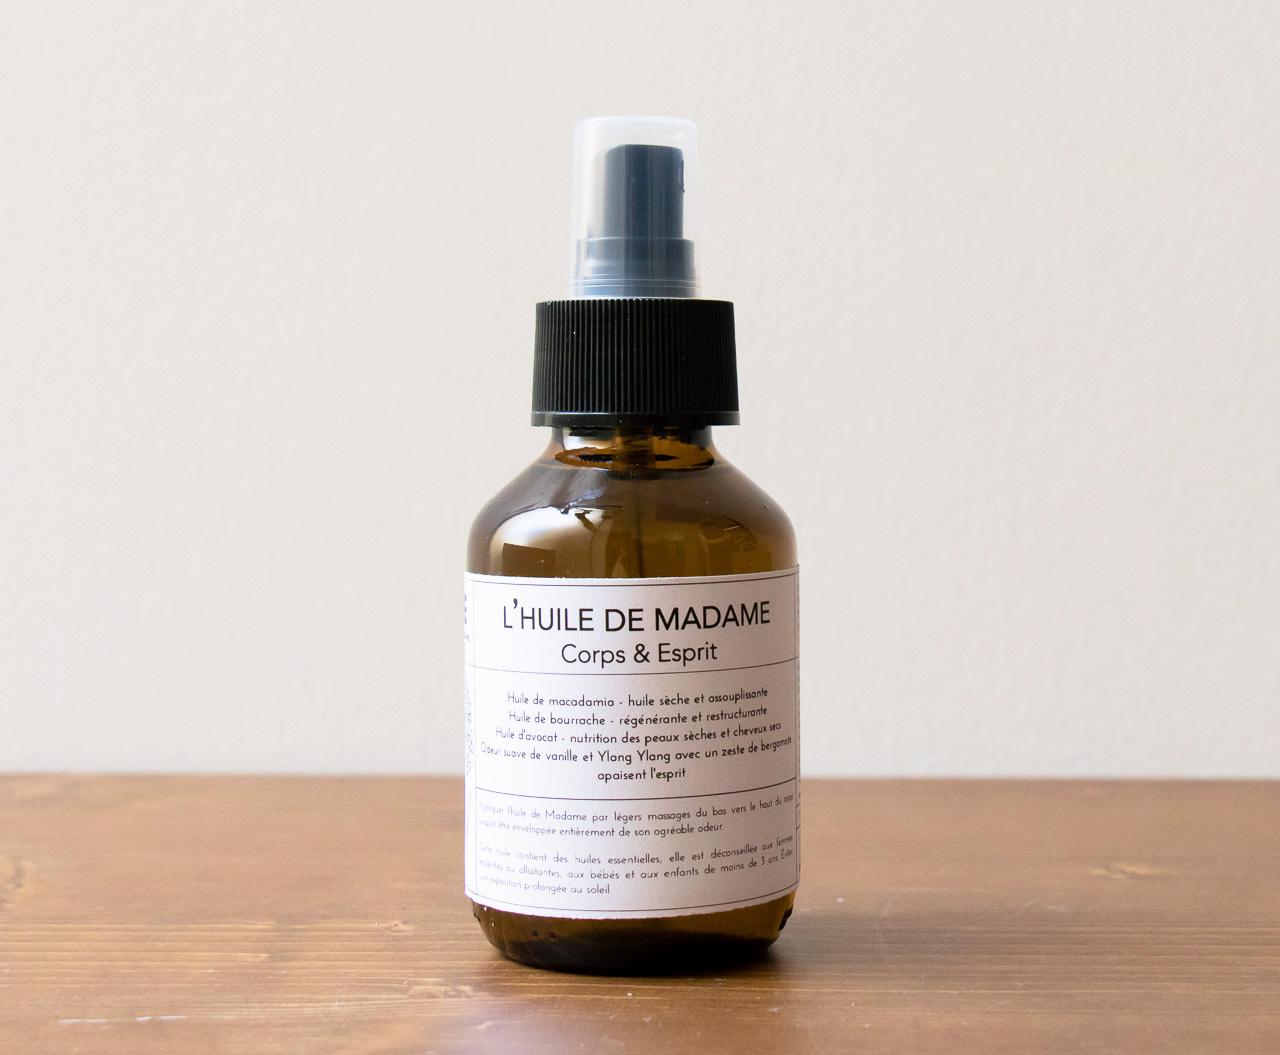 L'huile de Madame Moé Maison Mathûvû